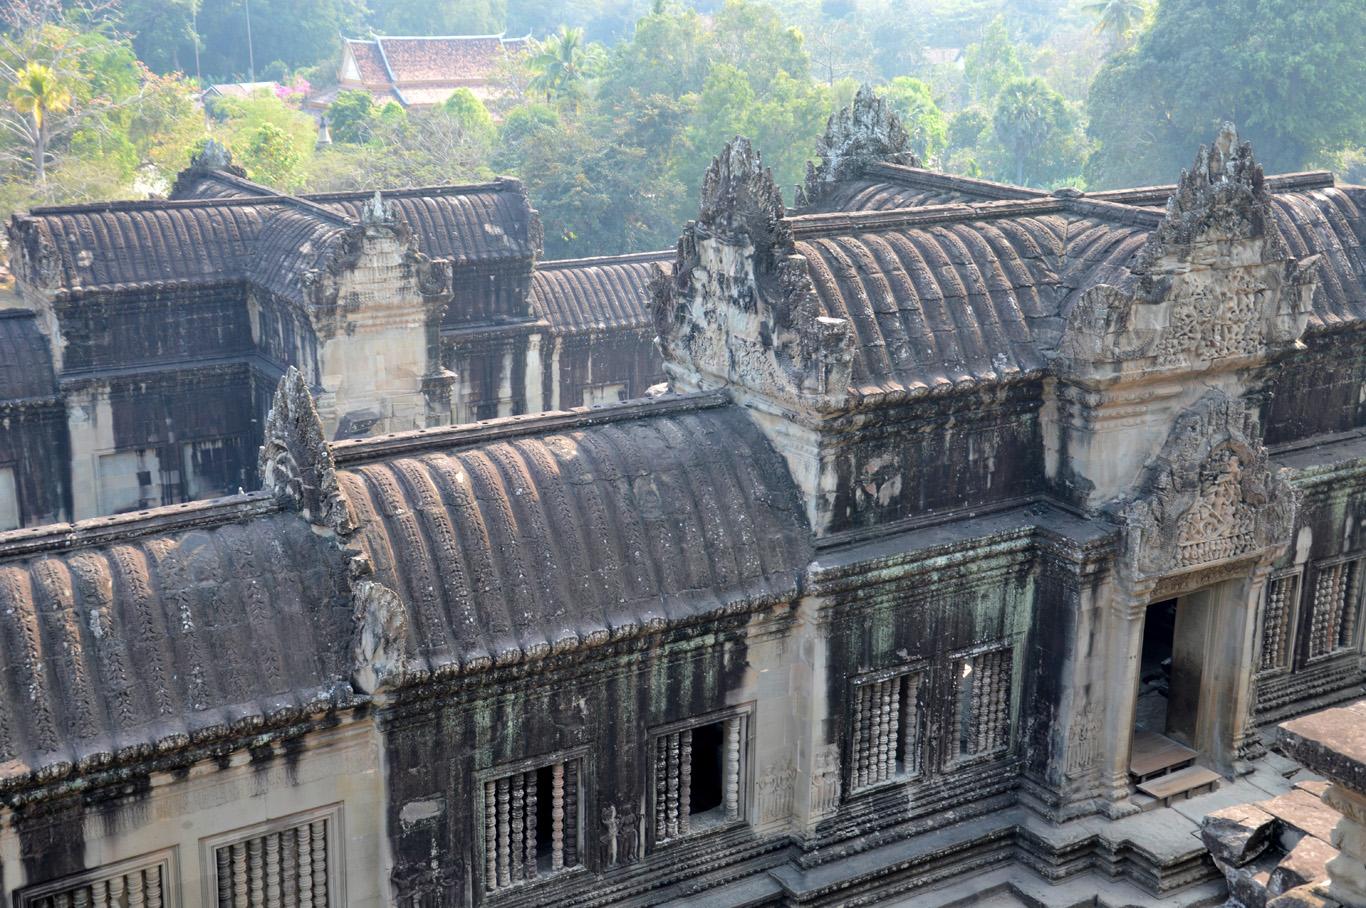 At the top of Angkor Wat